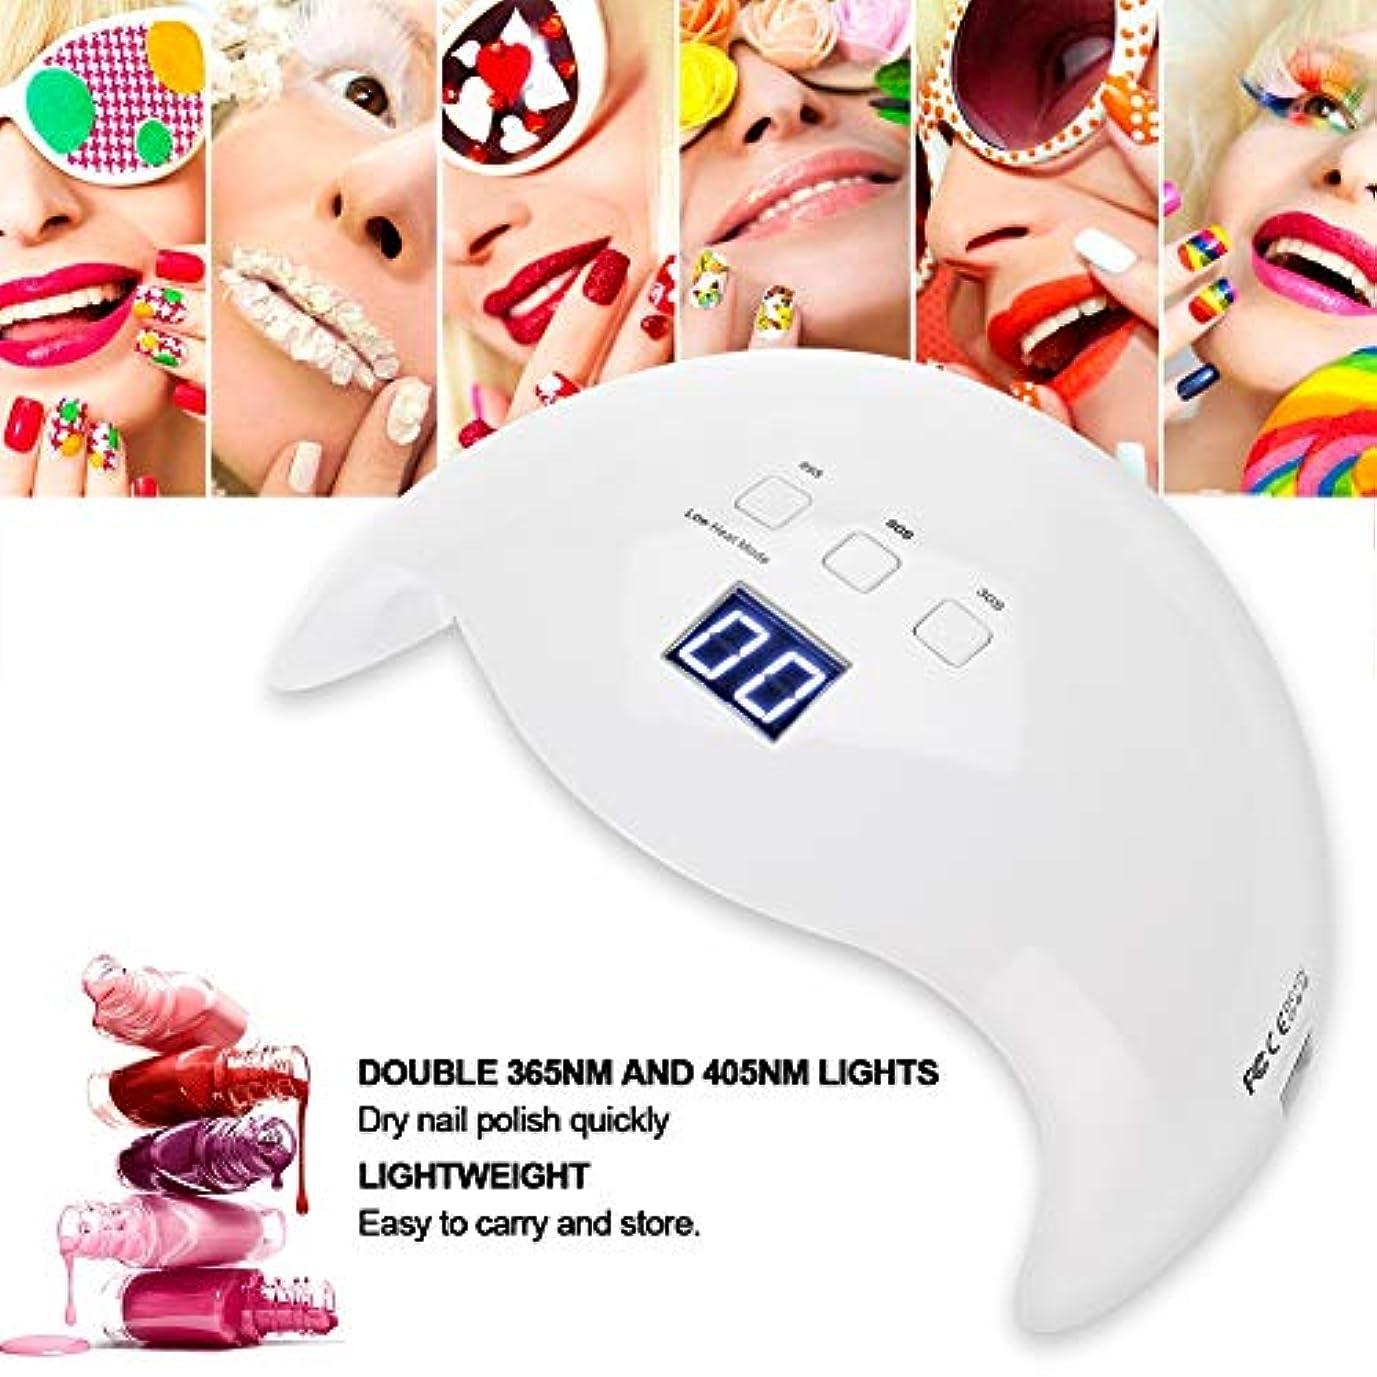 ゲートウェイ人間ボリュームネイルランプ、36W UV LEDドライヤーネイルジェルポリッシュ乾燥硬化マニキュアツール(私たち)